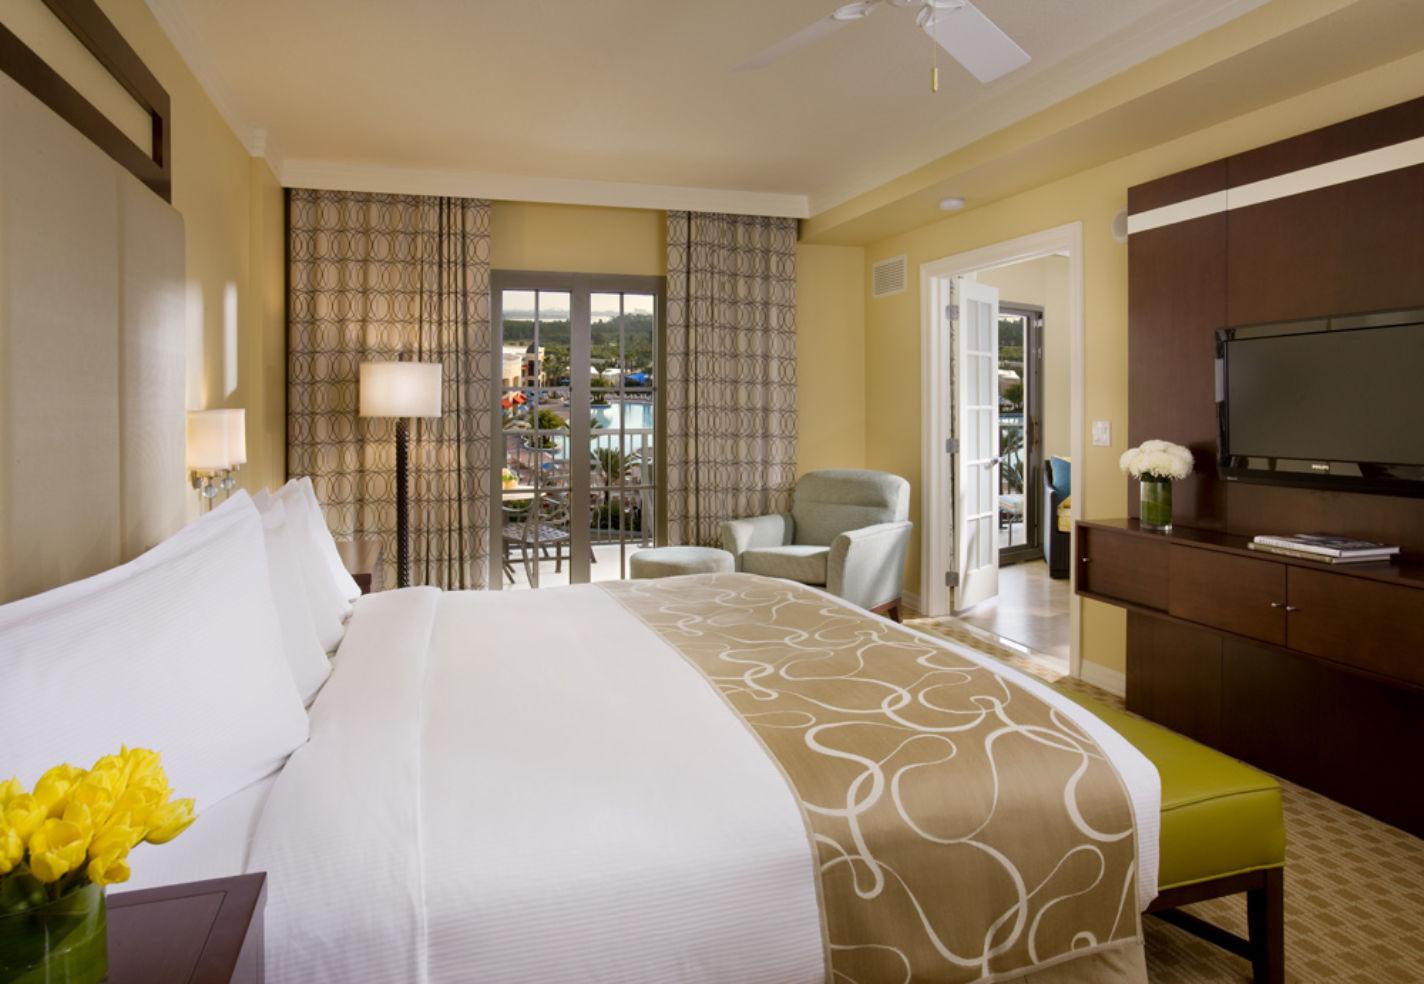 Photos Parc Soleil Suites by Hilton Grand Vacations